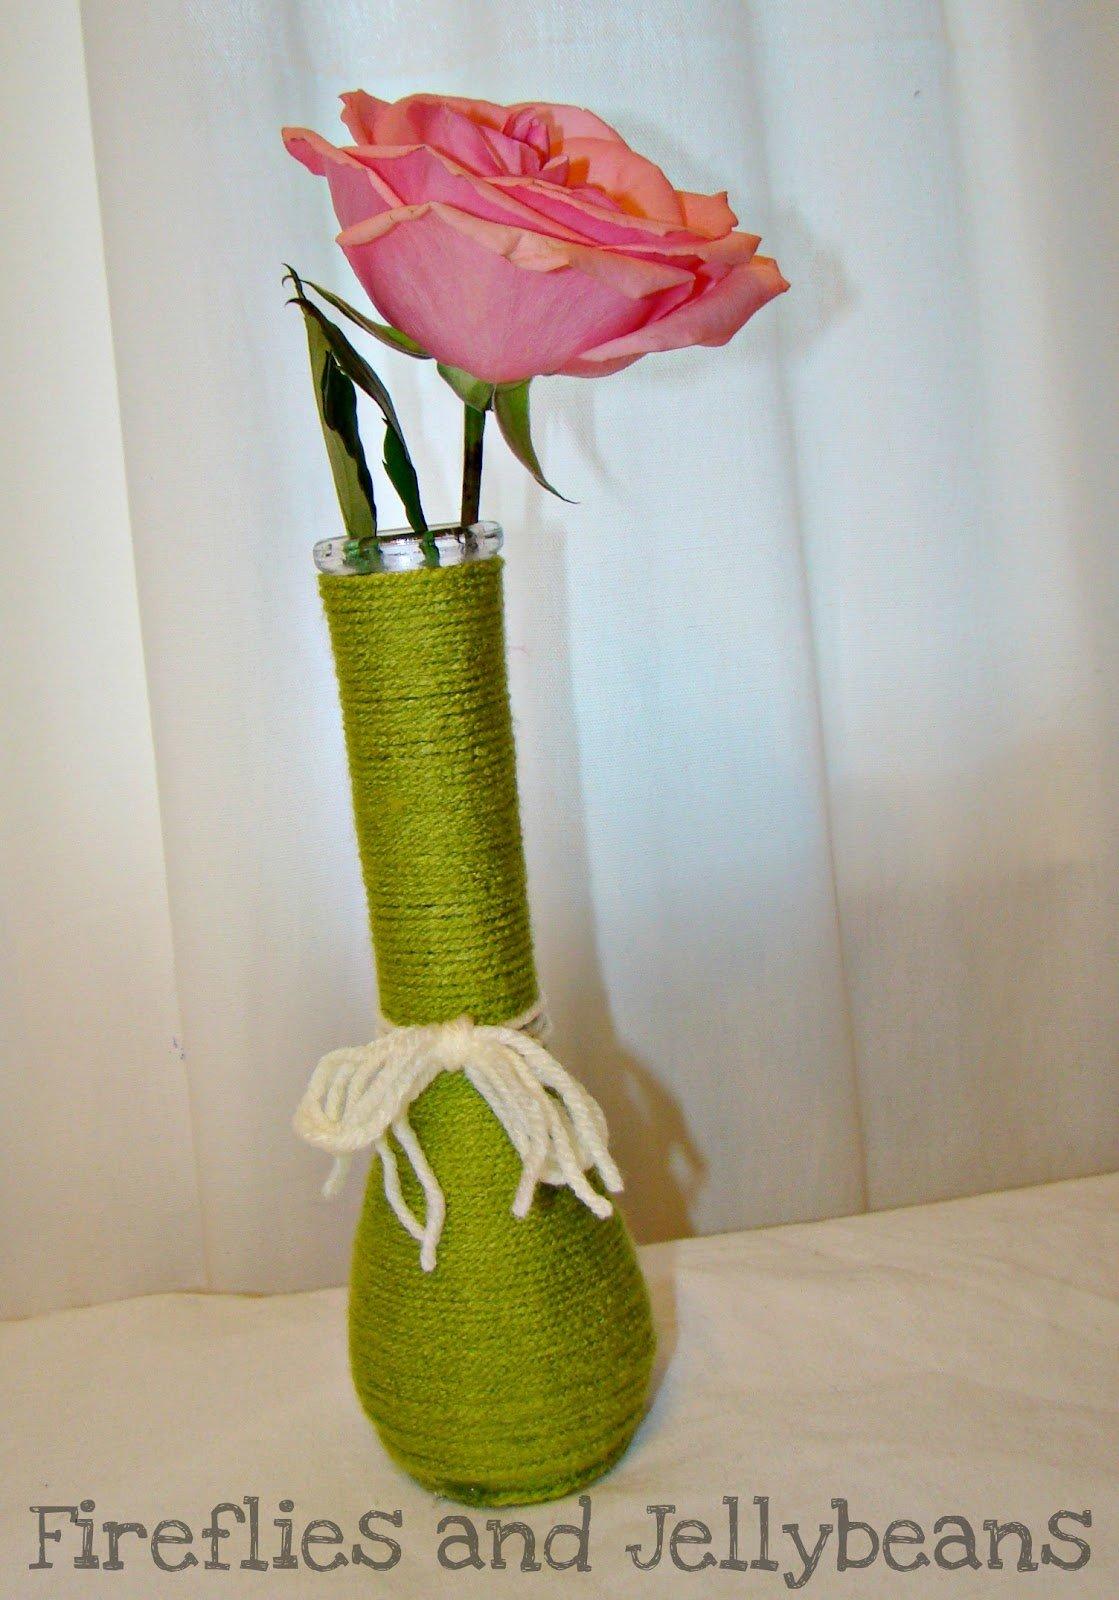 Как сделать вазу своими руками - Infoniac 3